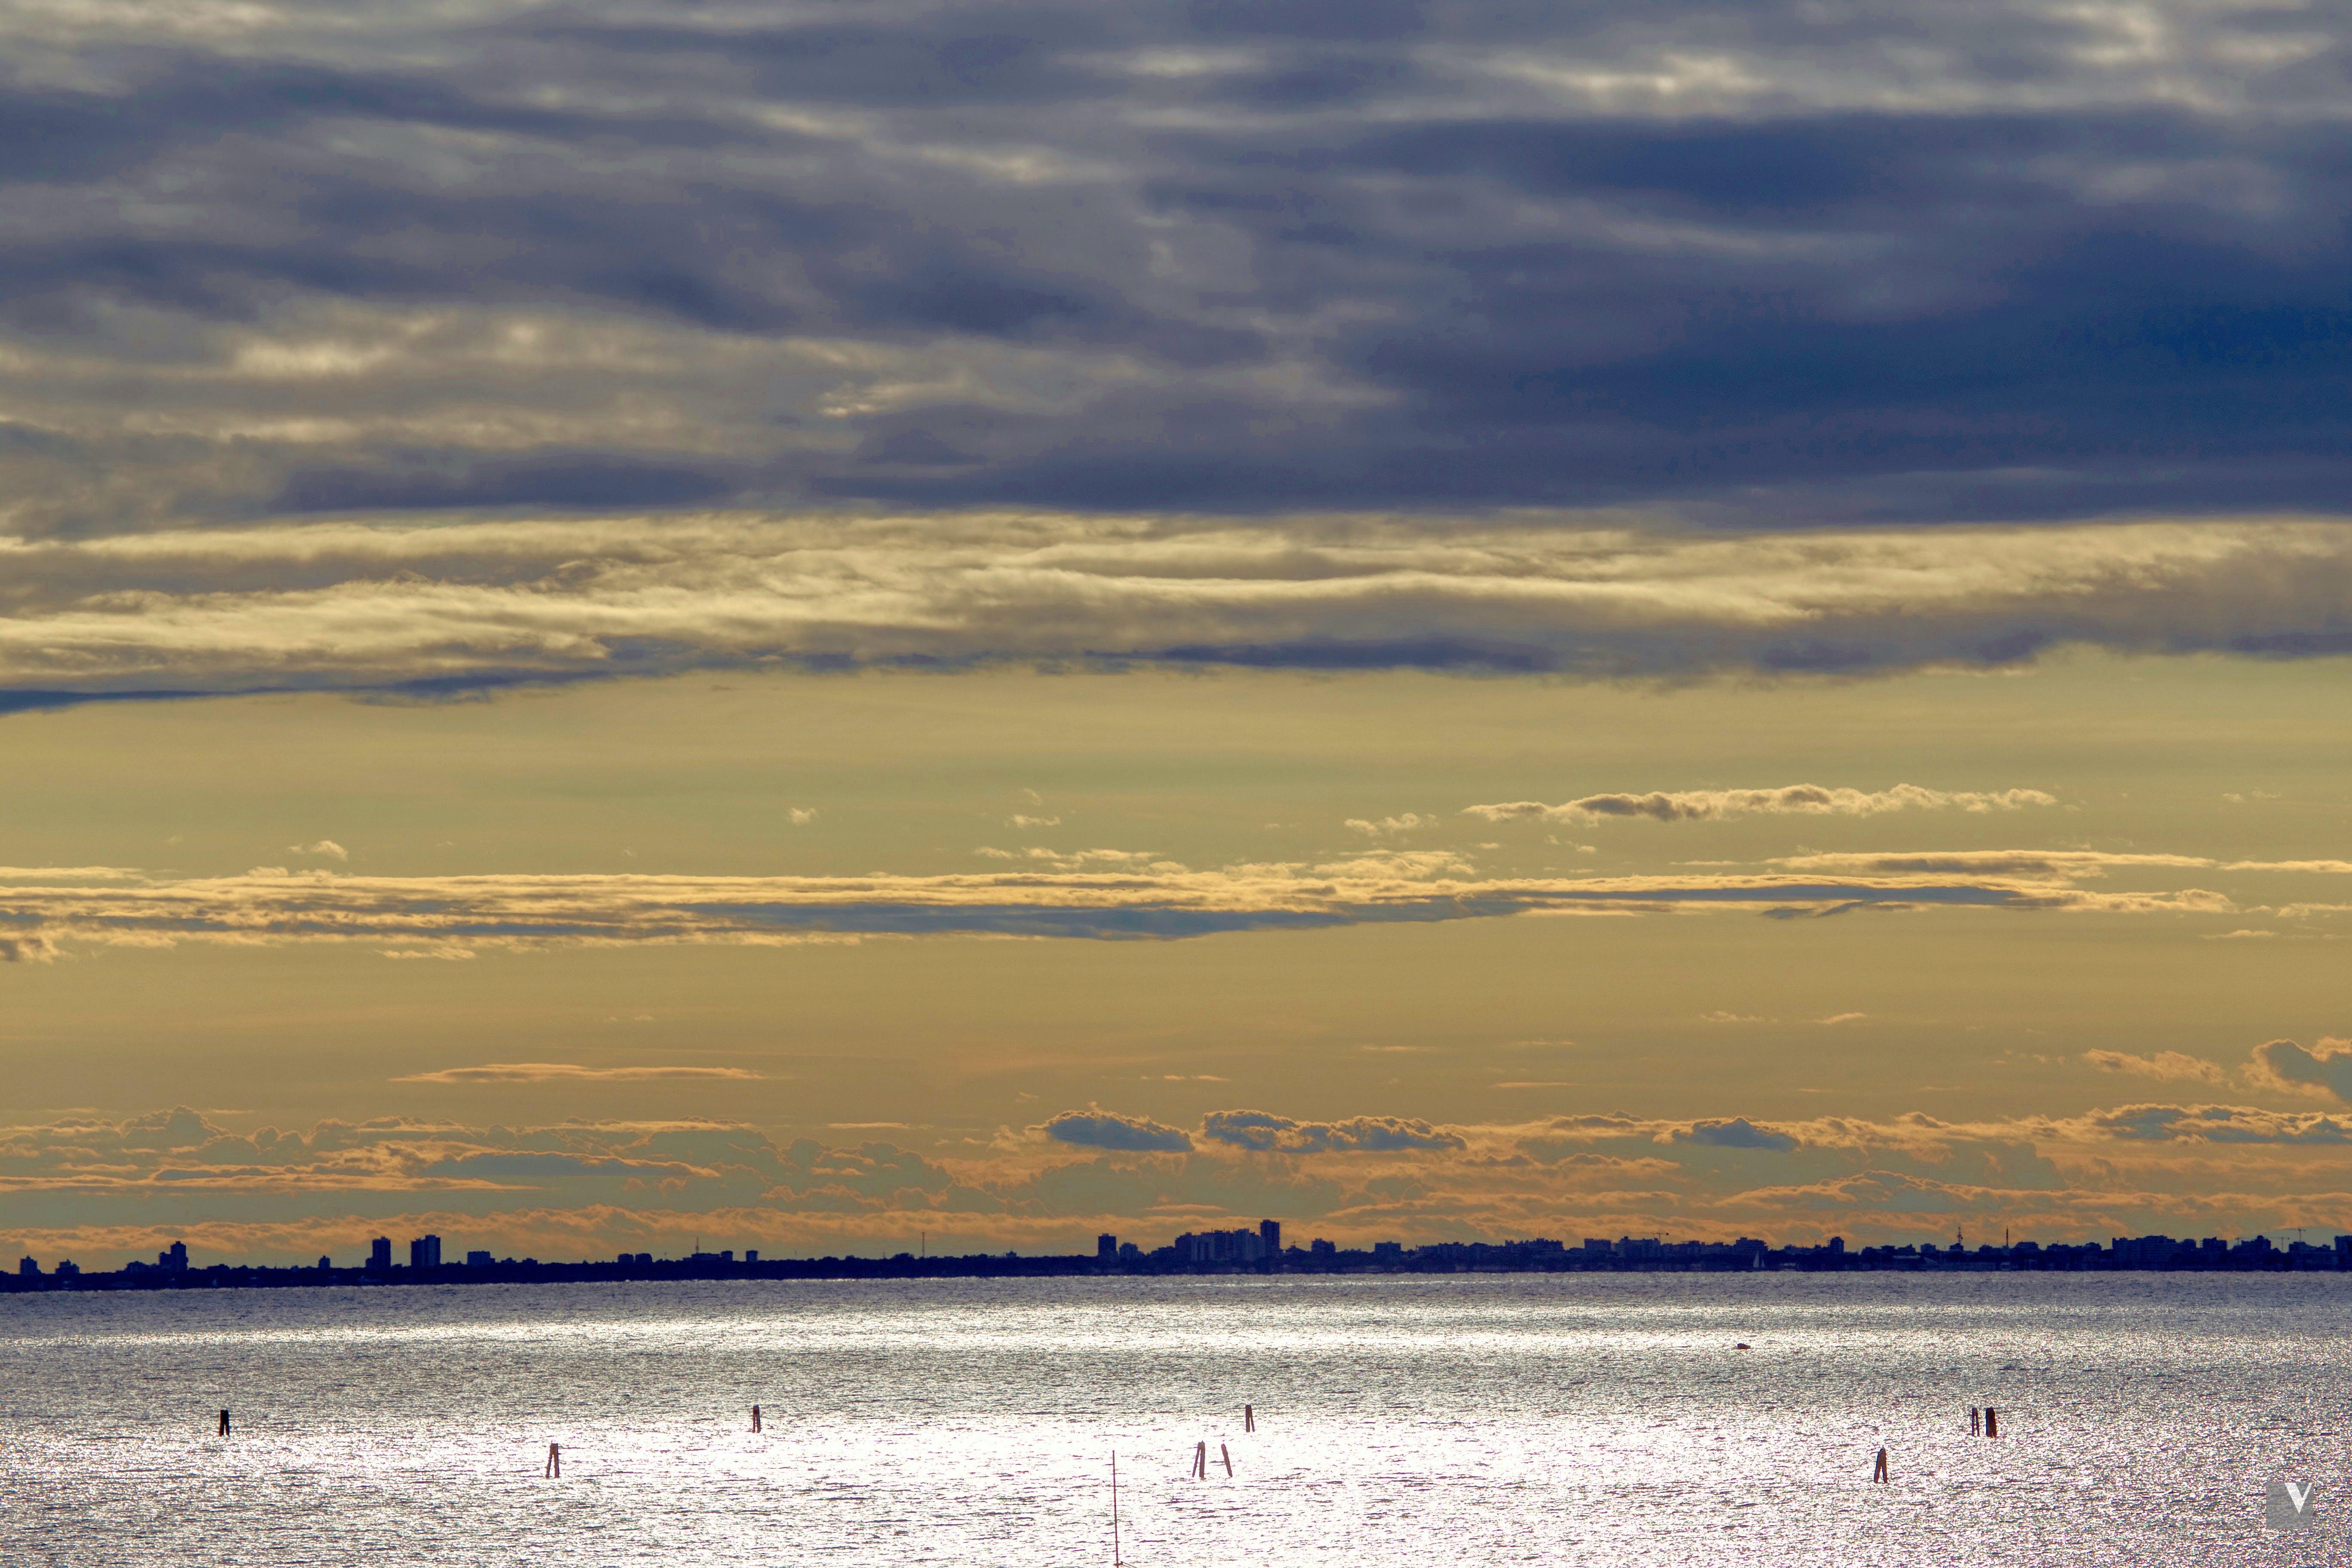 겨울 풍경, 경치, 관광, 구름의 무료 스톡 사진